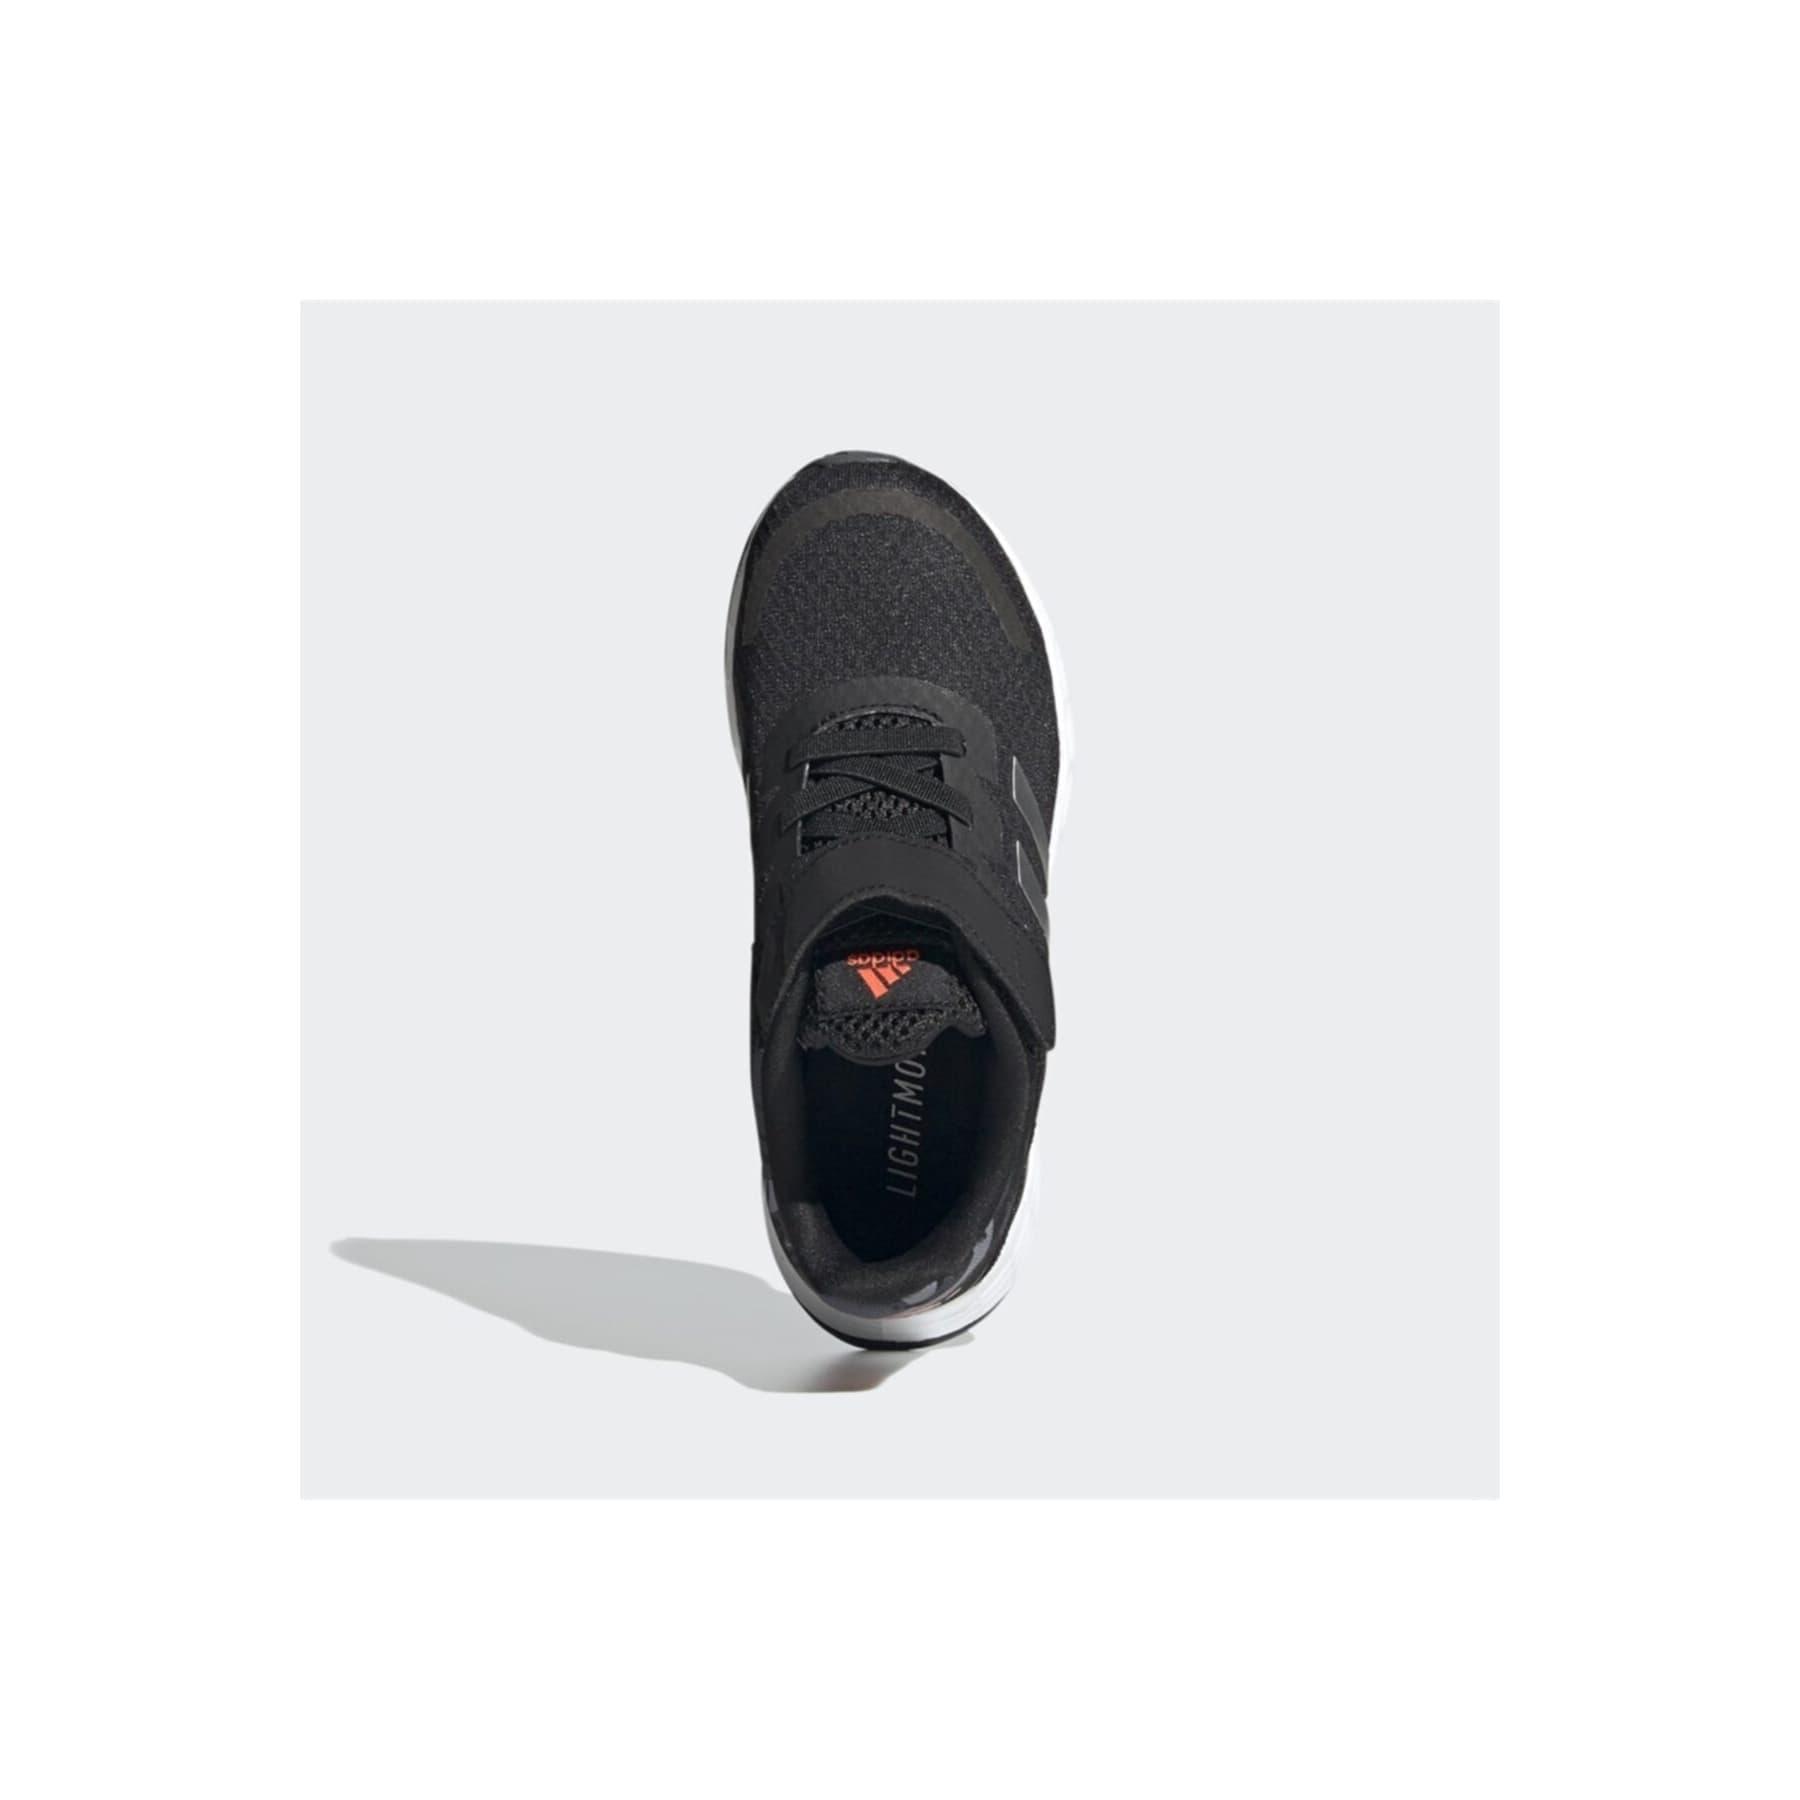 Duramo SL Çocuk Siyah Koşu Ayakkabısı (FY9172)